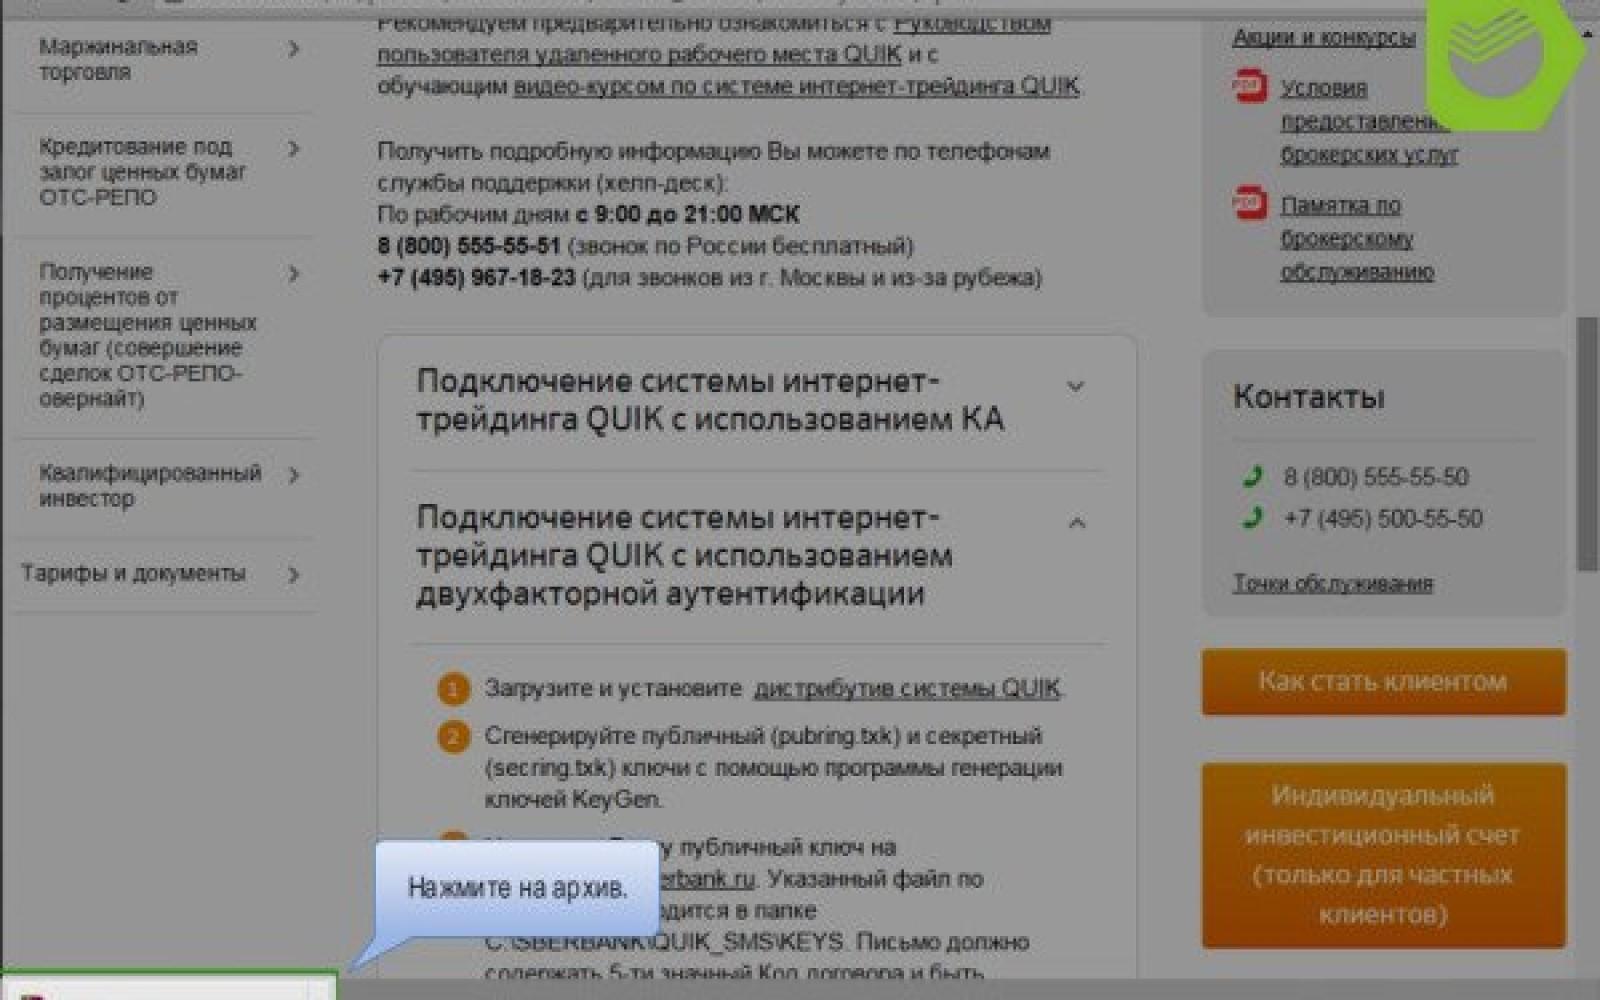 Купить акции Газпрома физическому лицу в Сбербанке 9